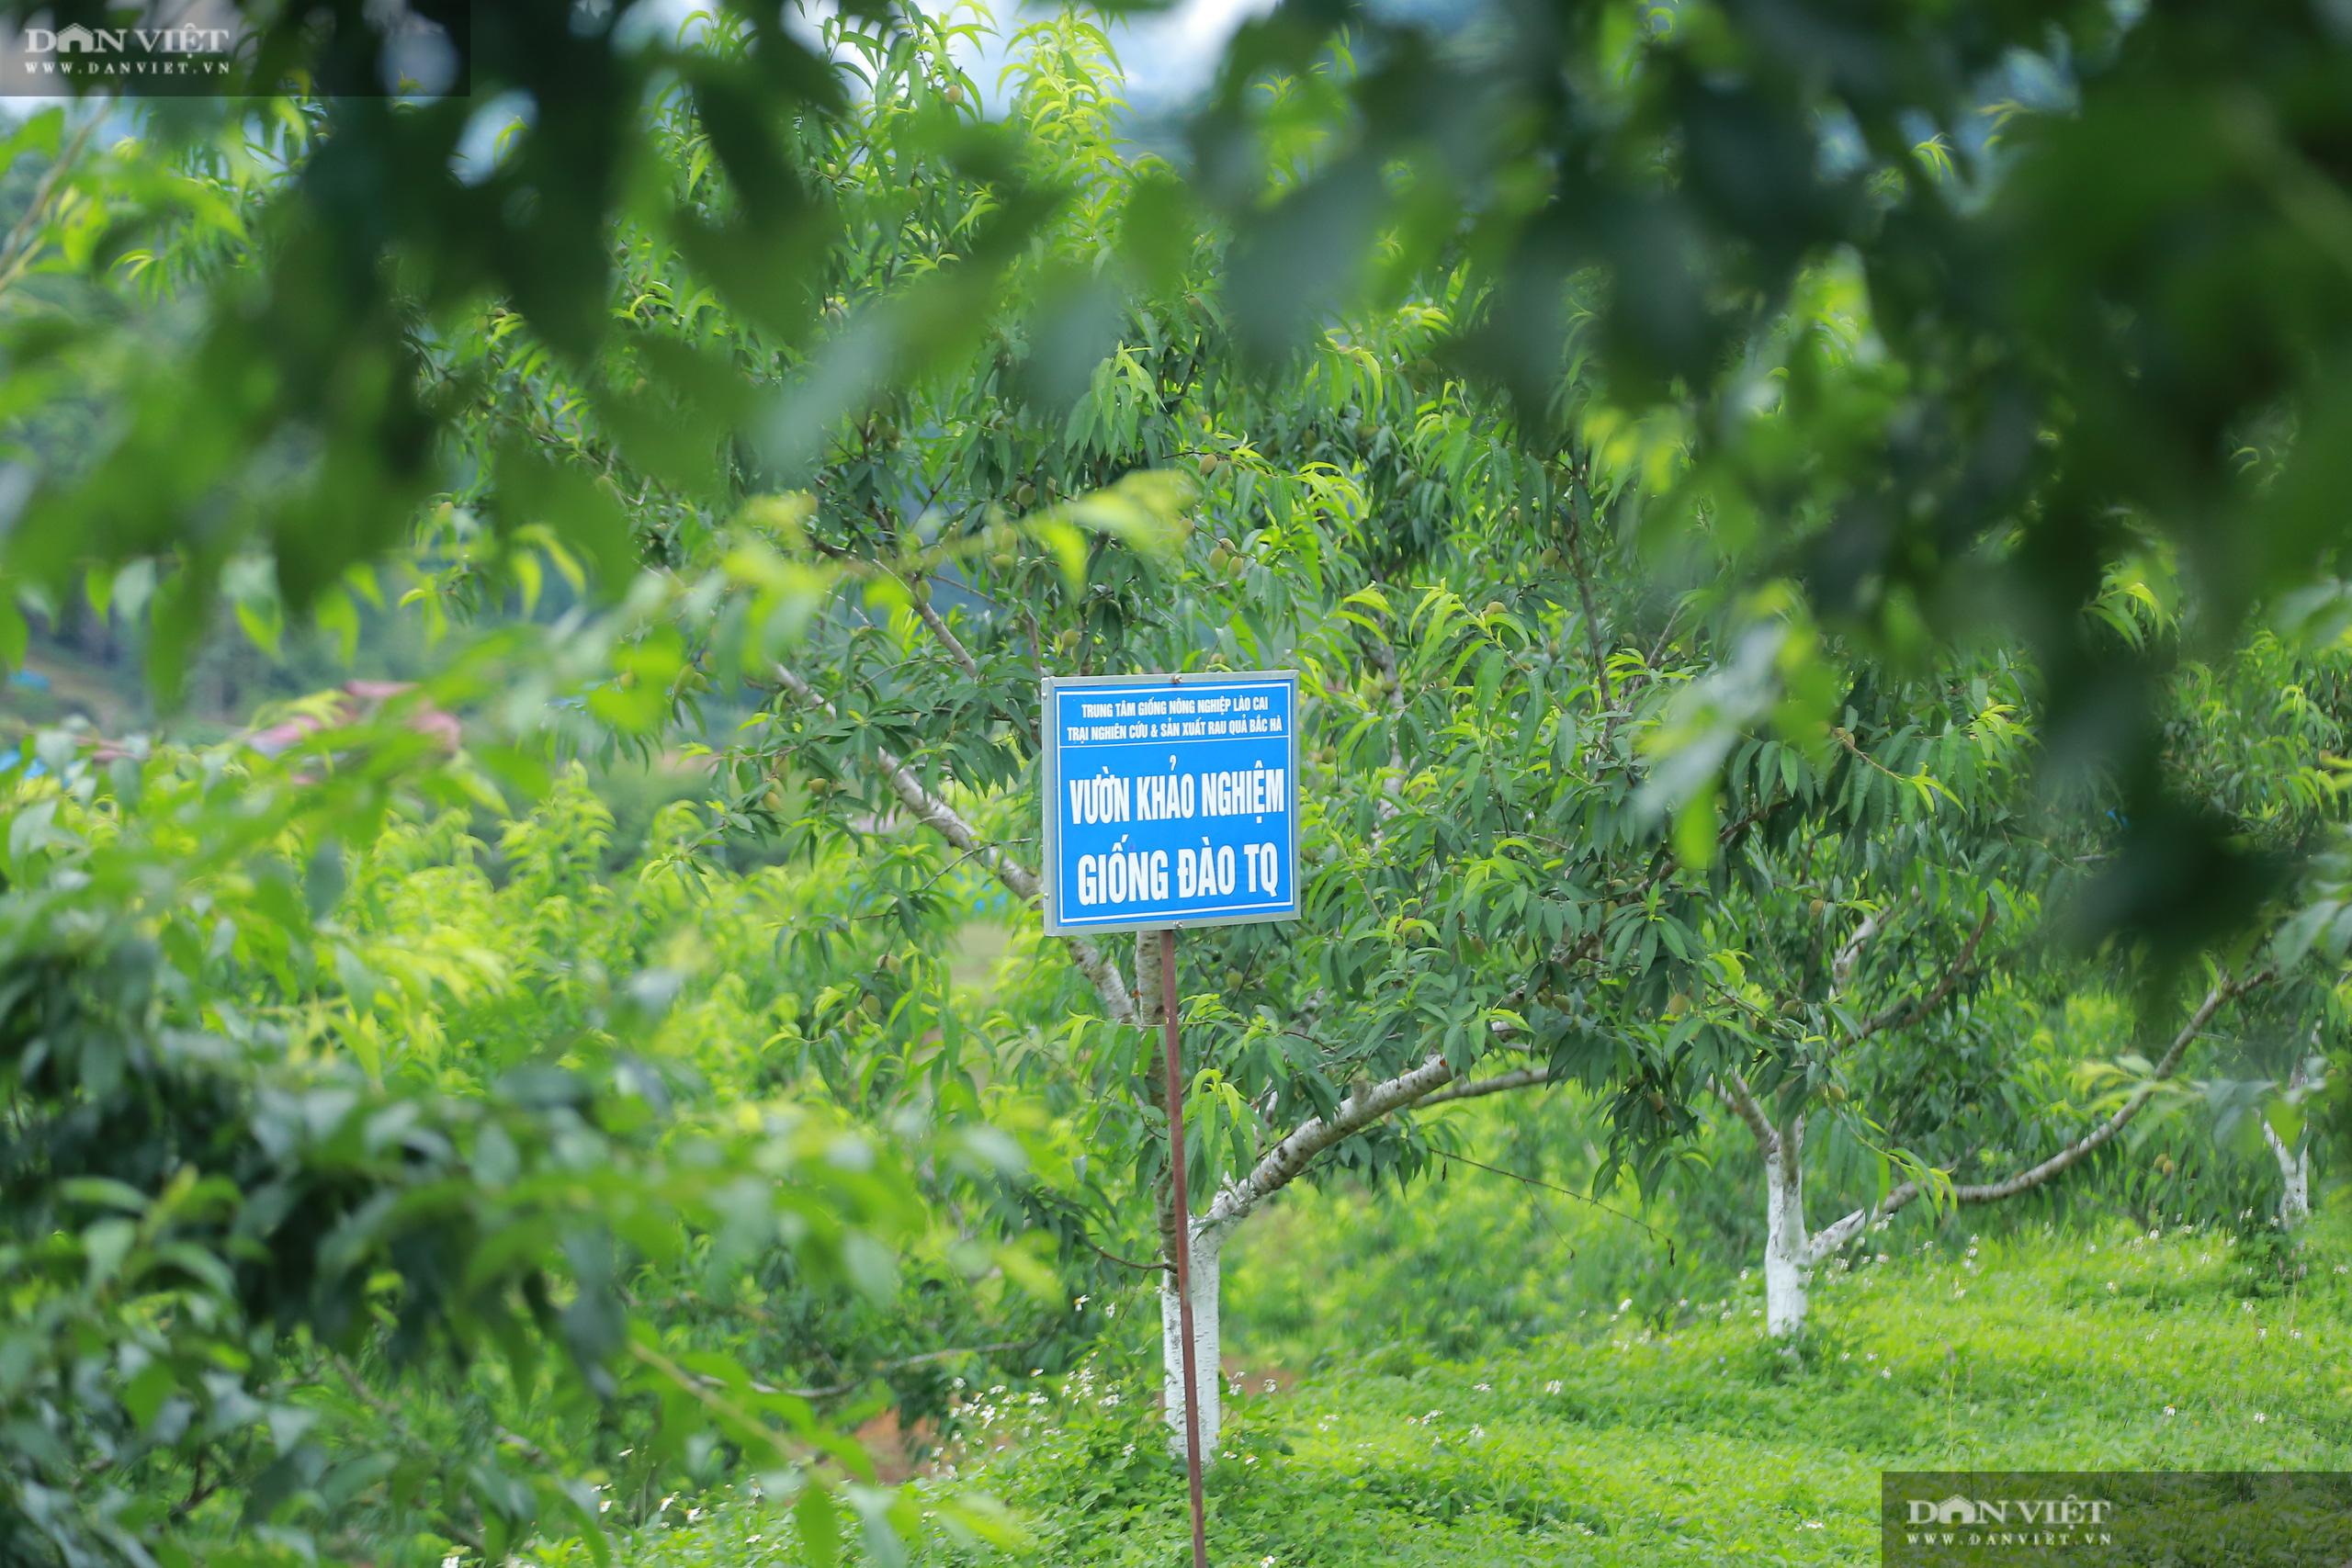 Chủ tịch Hội Nông dân Việt Nam thăm trại nghiên cứu cây ăn quả đặc sản ở biên giới - Ảnh 9.